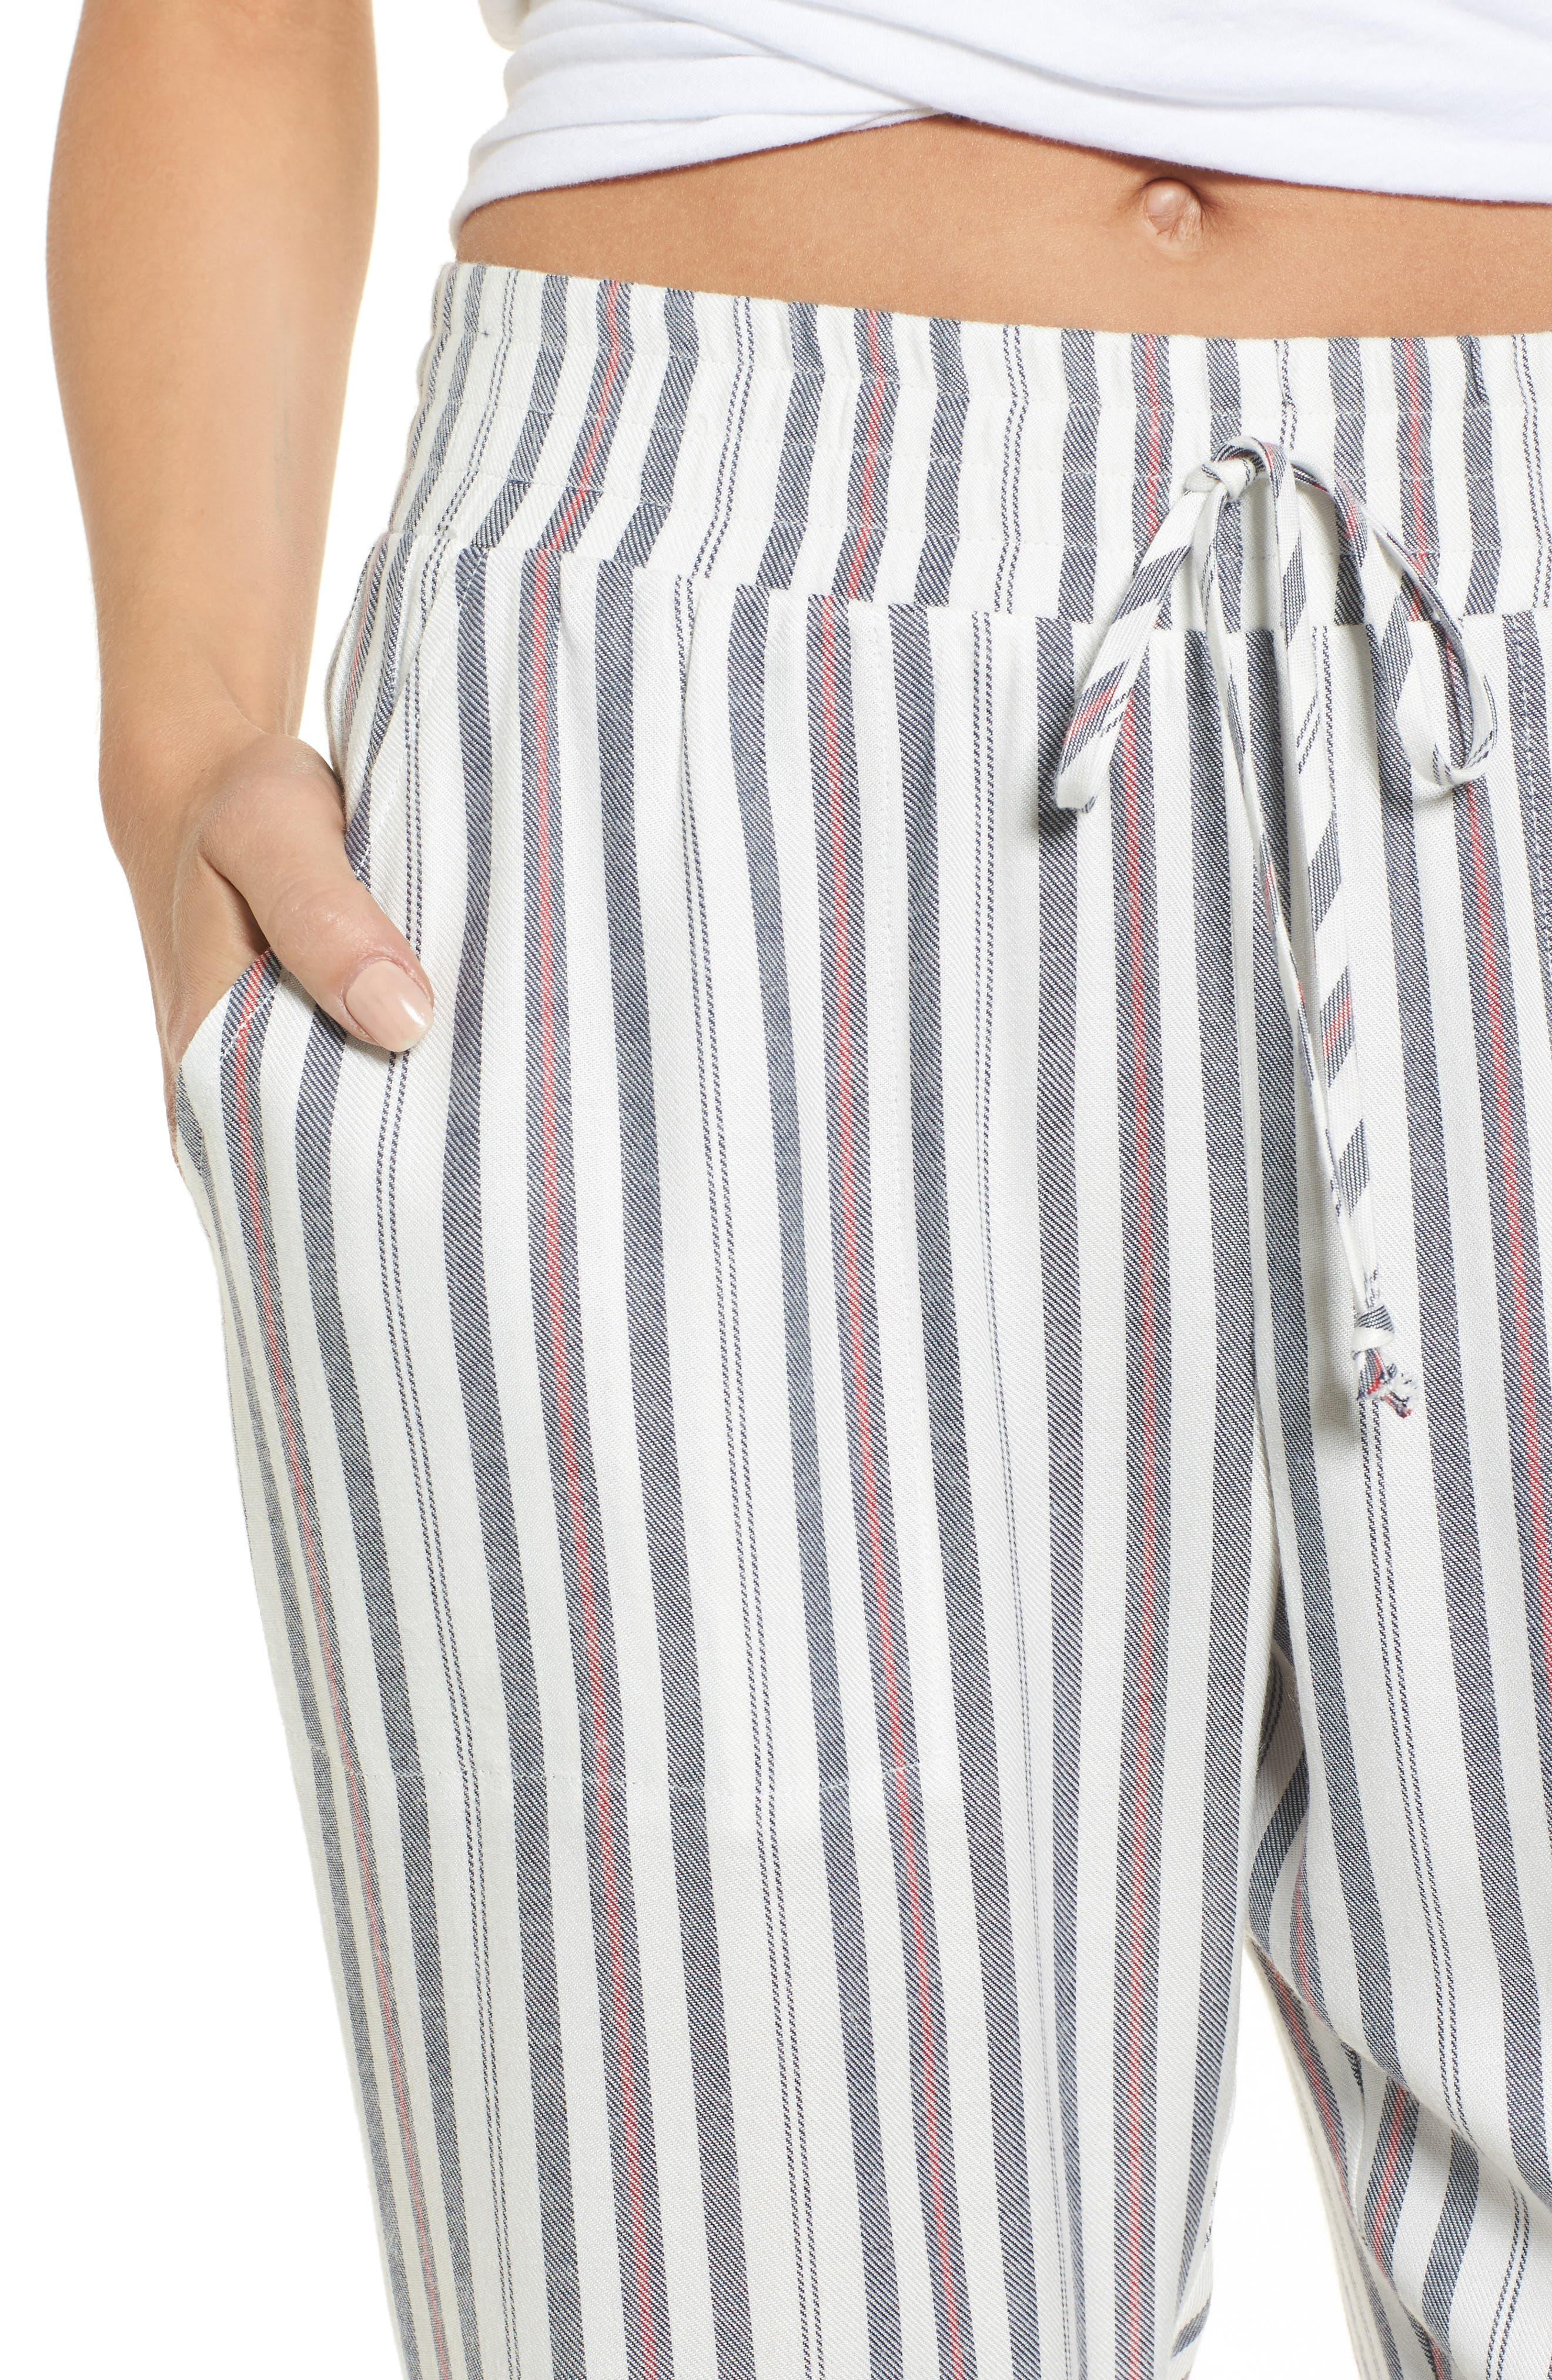 Ankle Tie Pants,                             Alternate thumbnail 12, color,